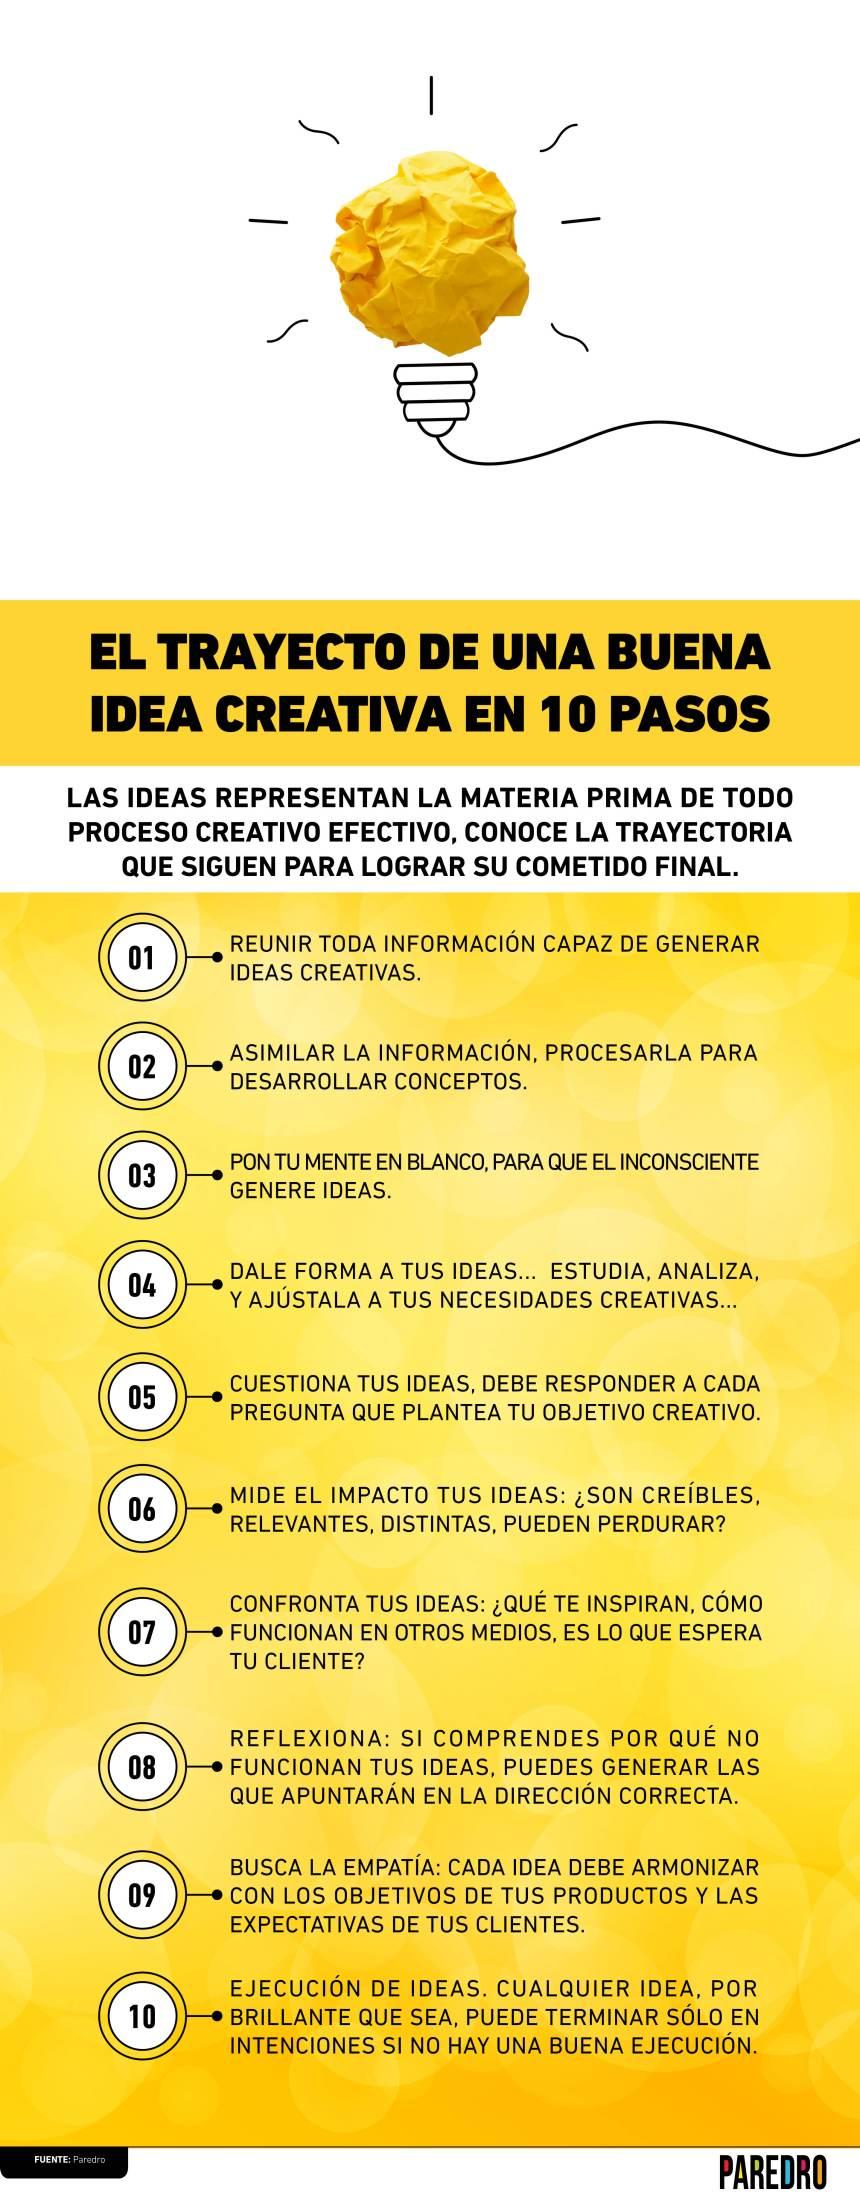 El trayecto de una buena idea creativa en 10 pasos